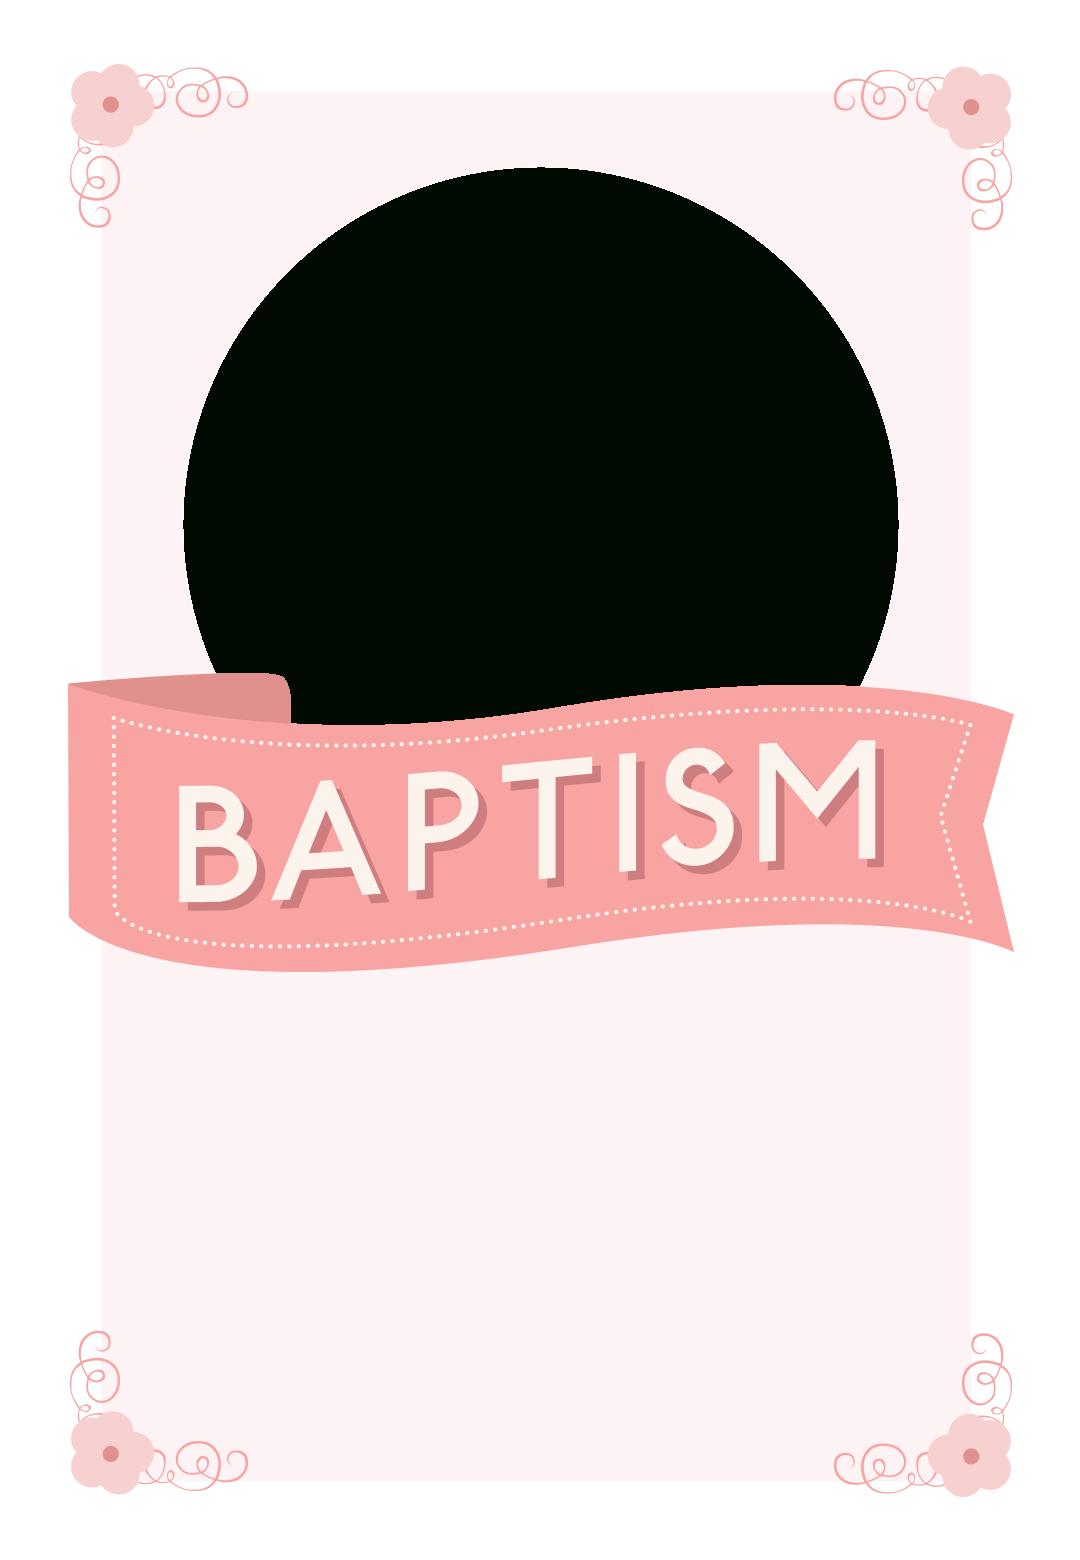 Pink Ribbon - Free Printable Baptism & Christening Invitation - Free Printable Personalized Baptism Invitations